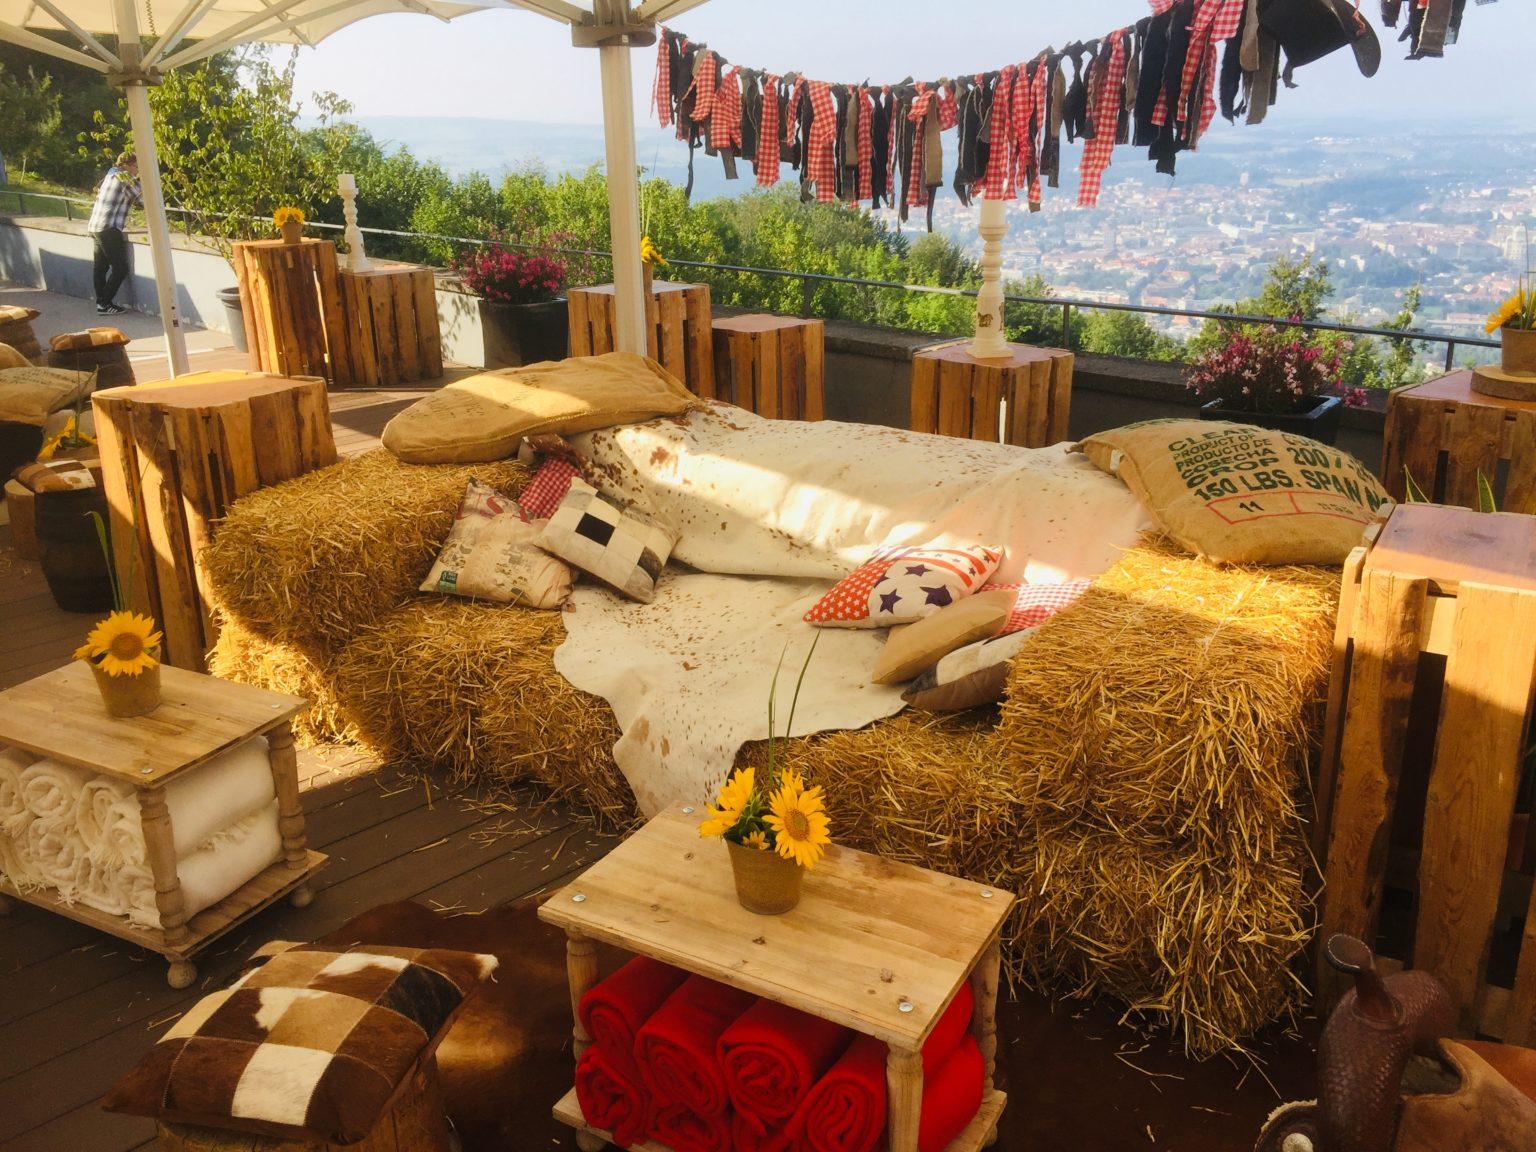 beistell-tisch woody mieten rent-a-lounge 10